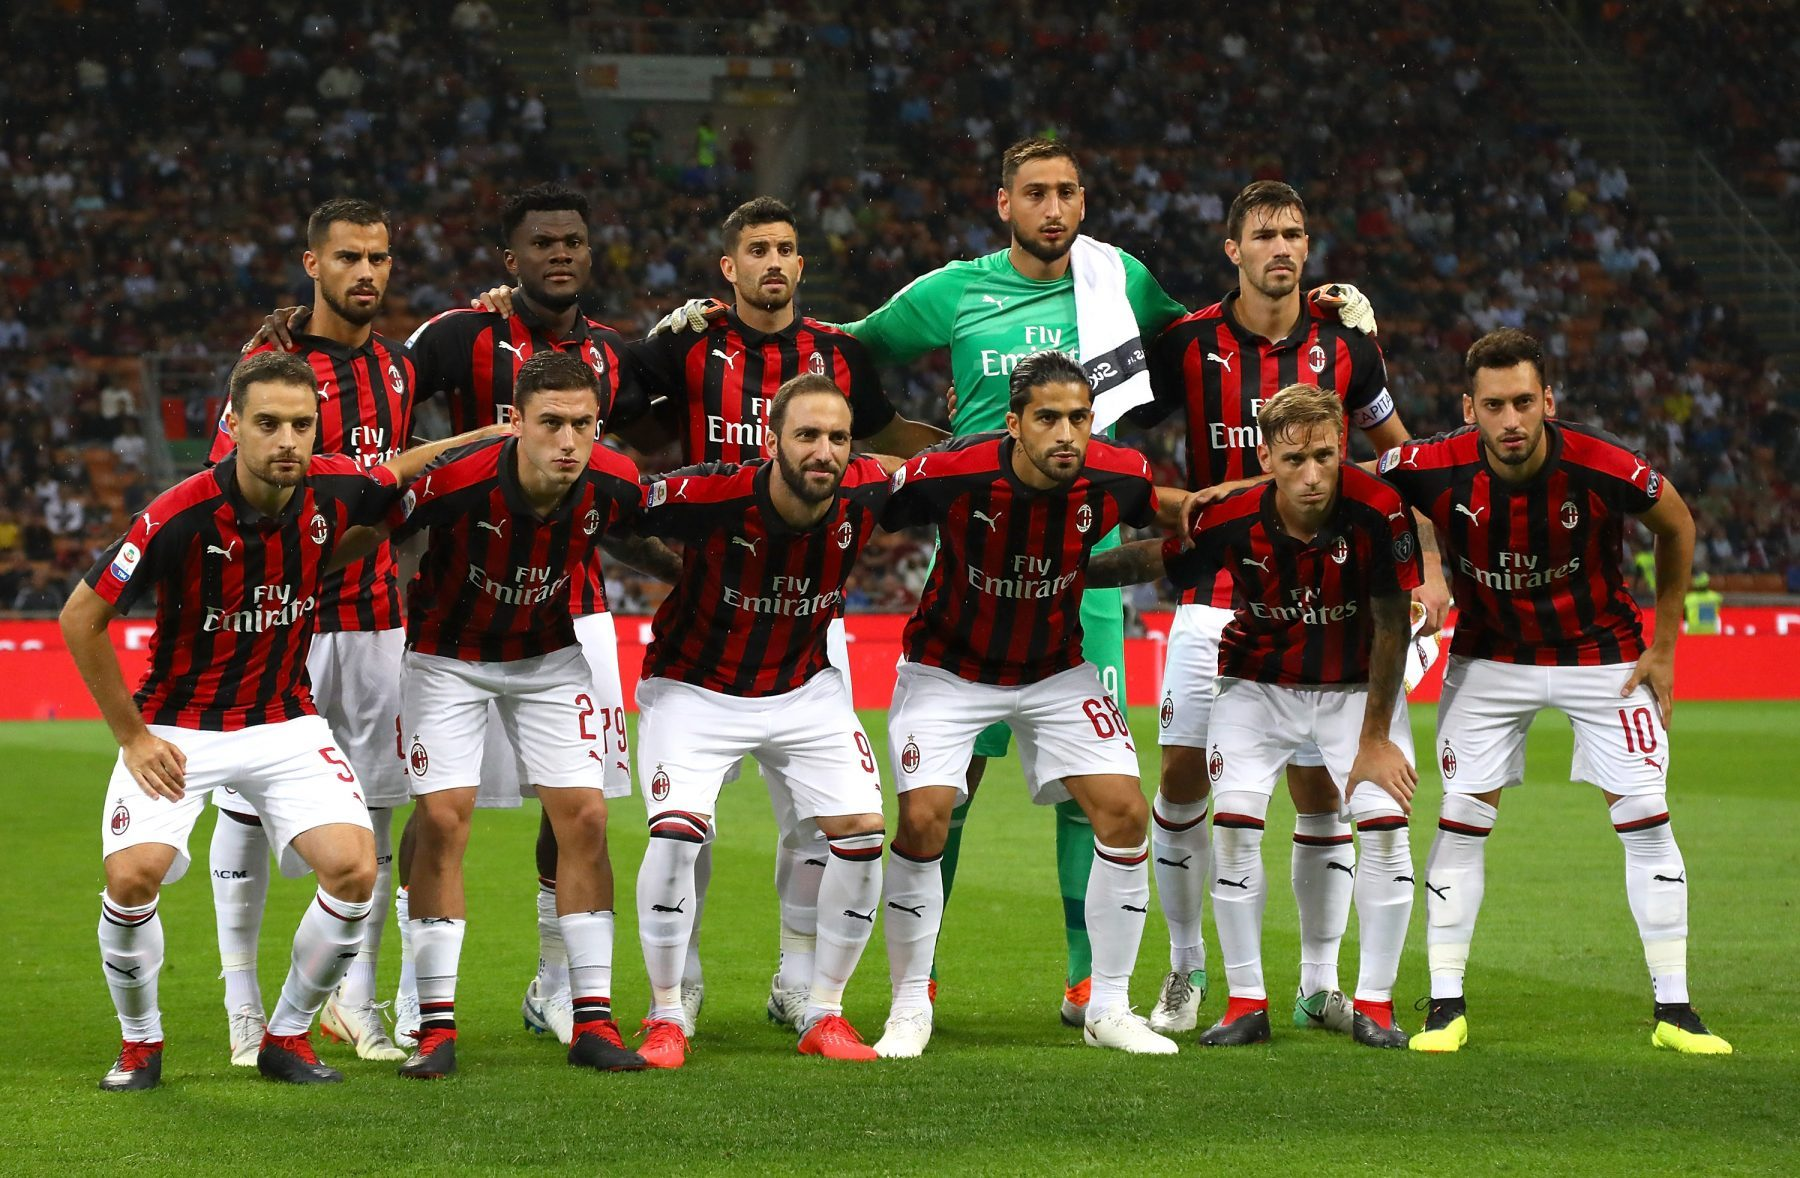 Прогноз на 26.01.2019. Милан - Наполи